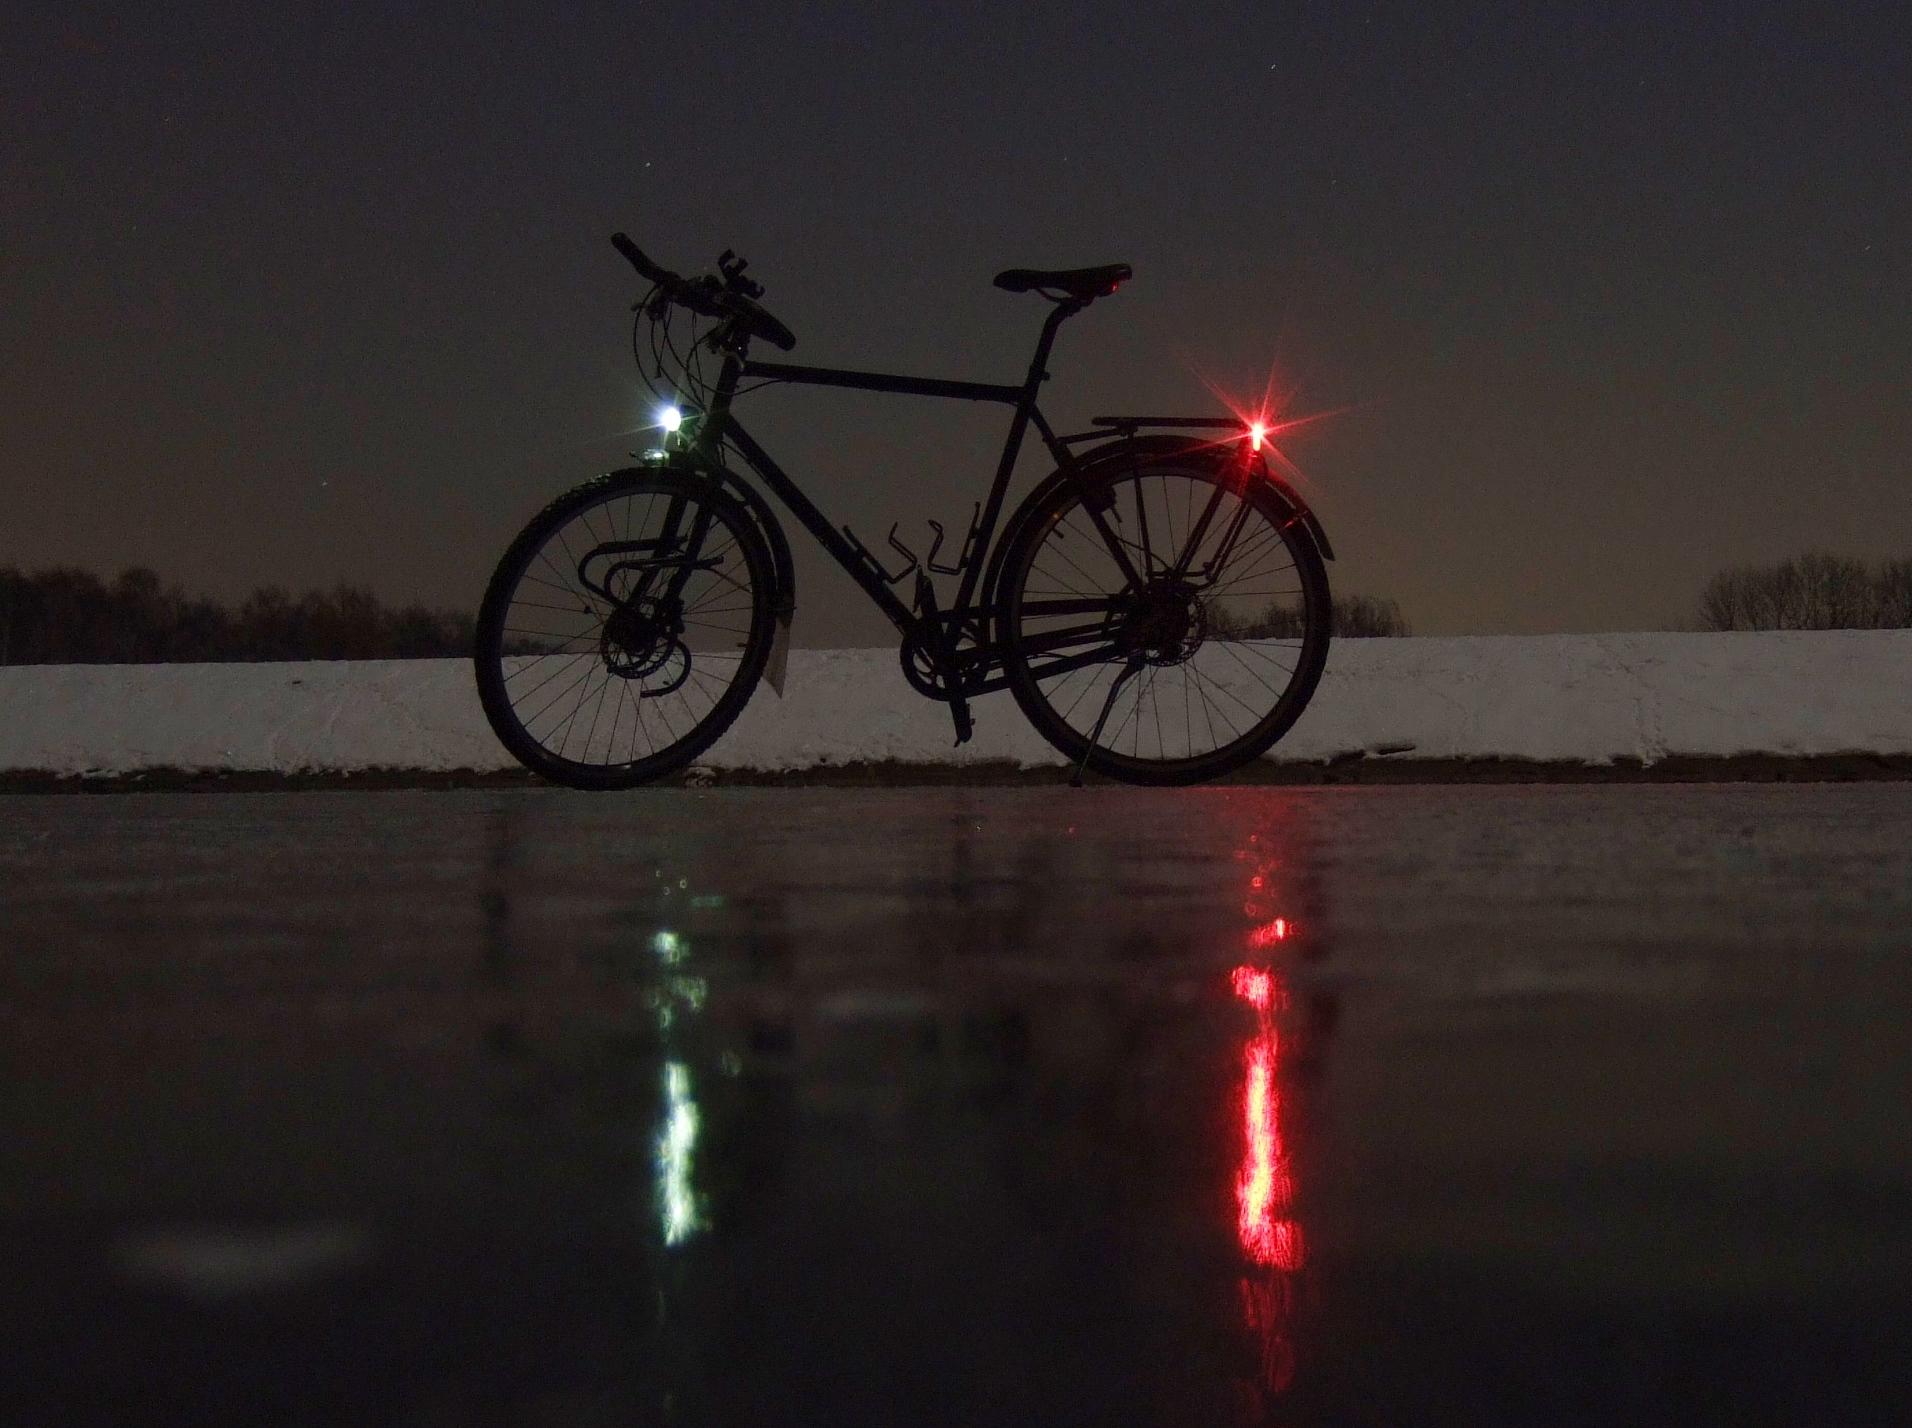 Bicycle at night on frozen pond Konstantinteich / Fahrrad bei Nacht auf gefrorenem Konstantinteich